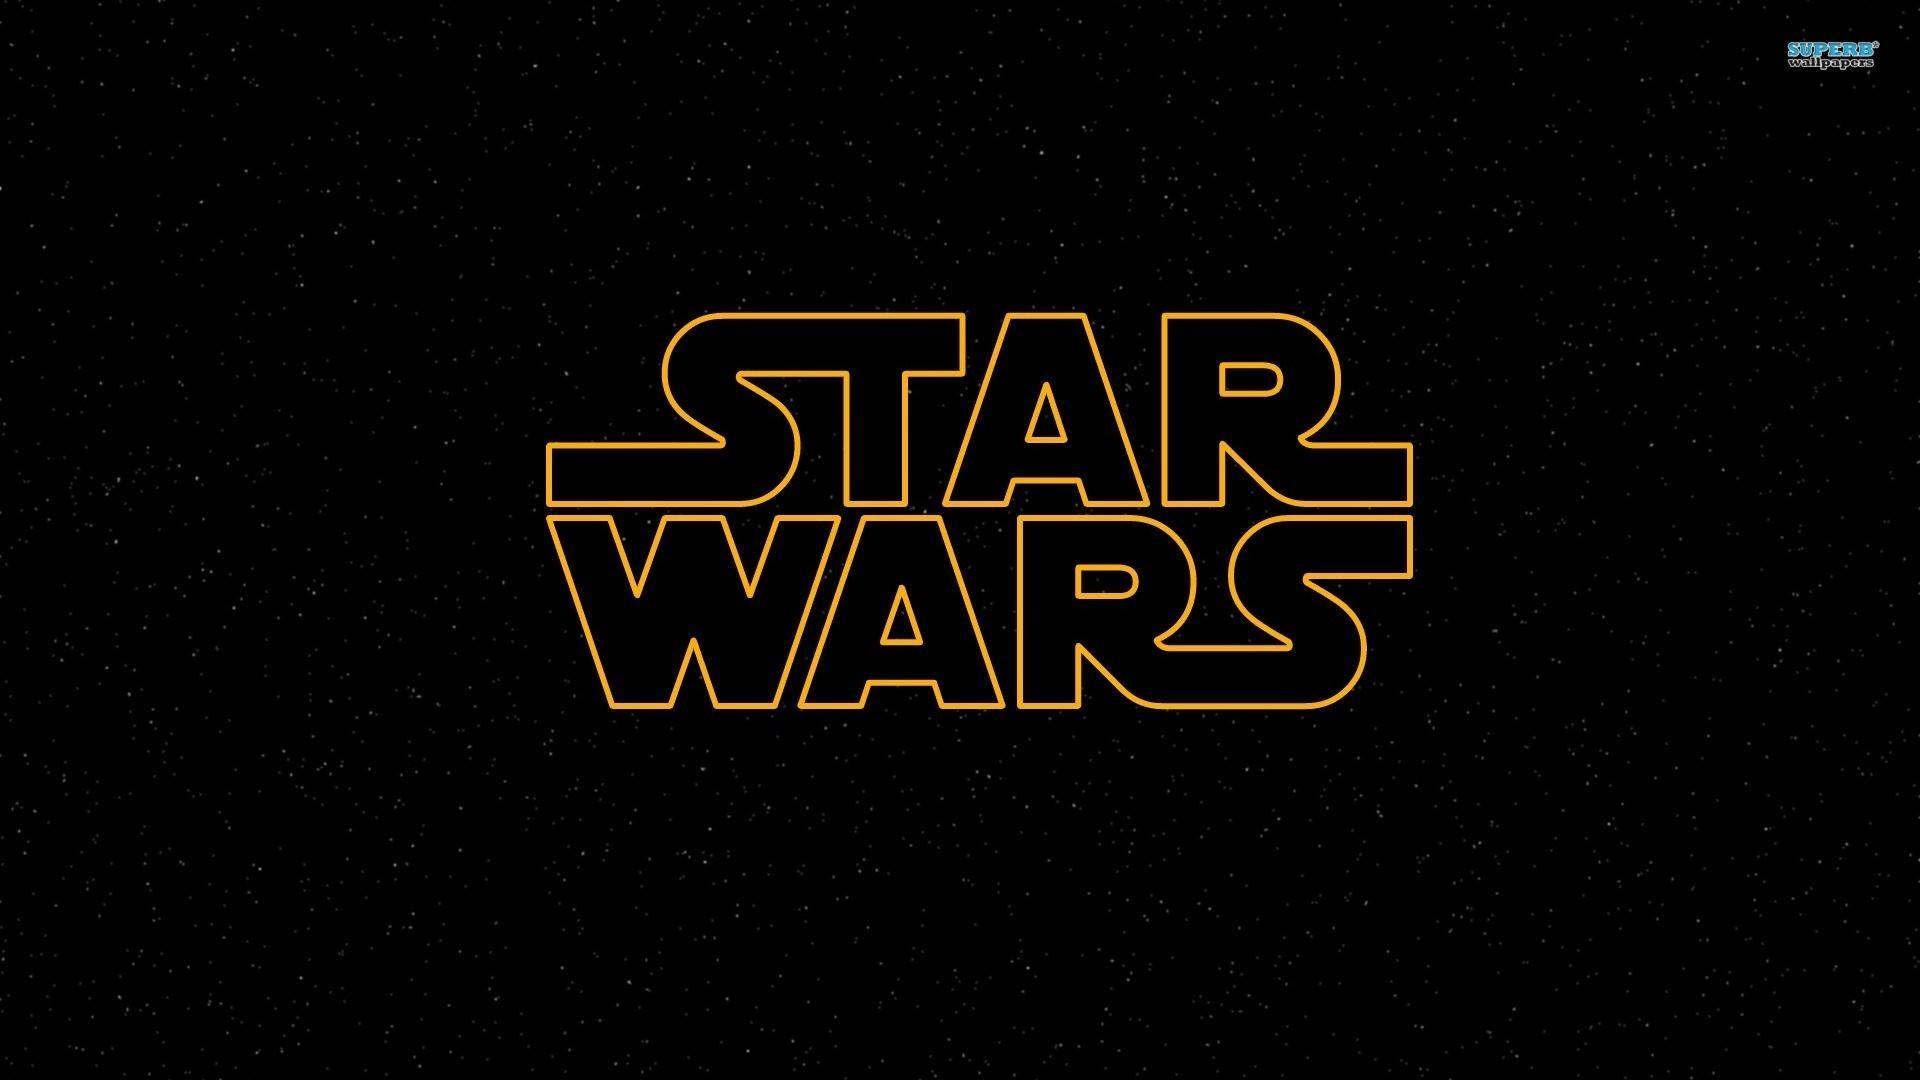 Desktop Wallpapers – Star Wars, Alissa Valtierra